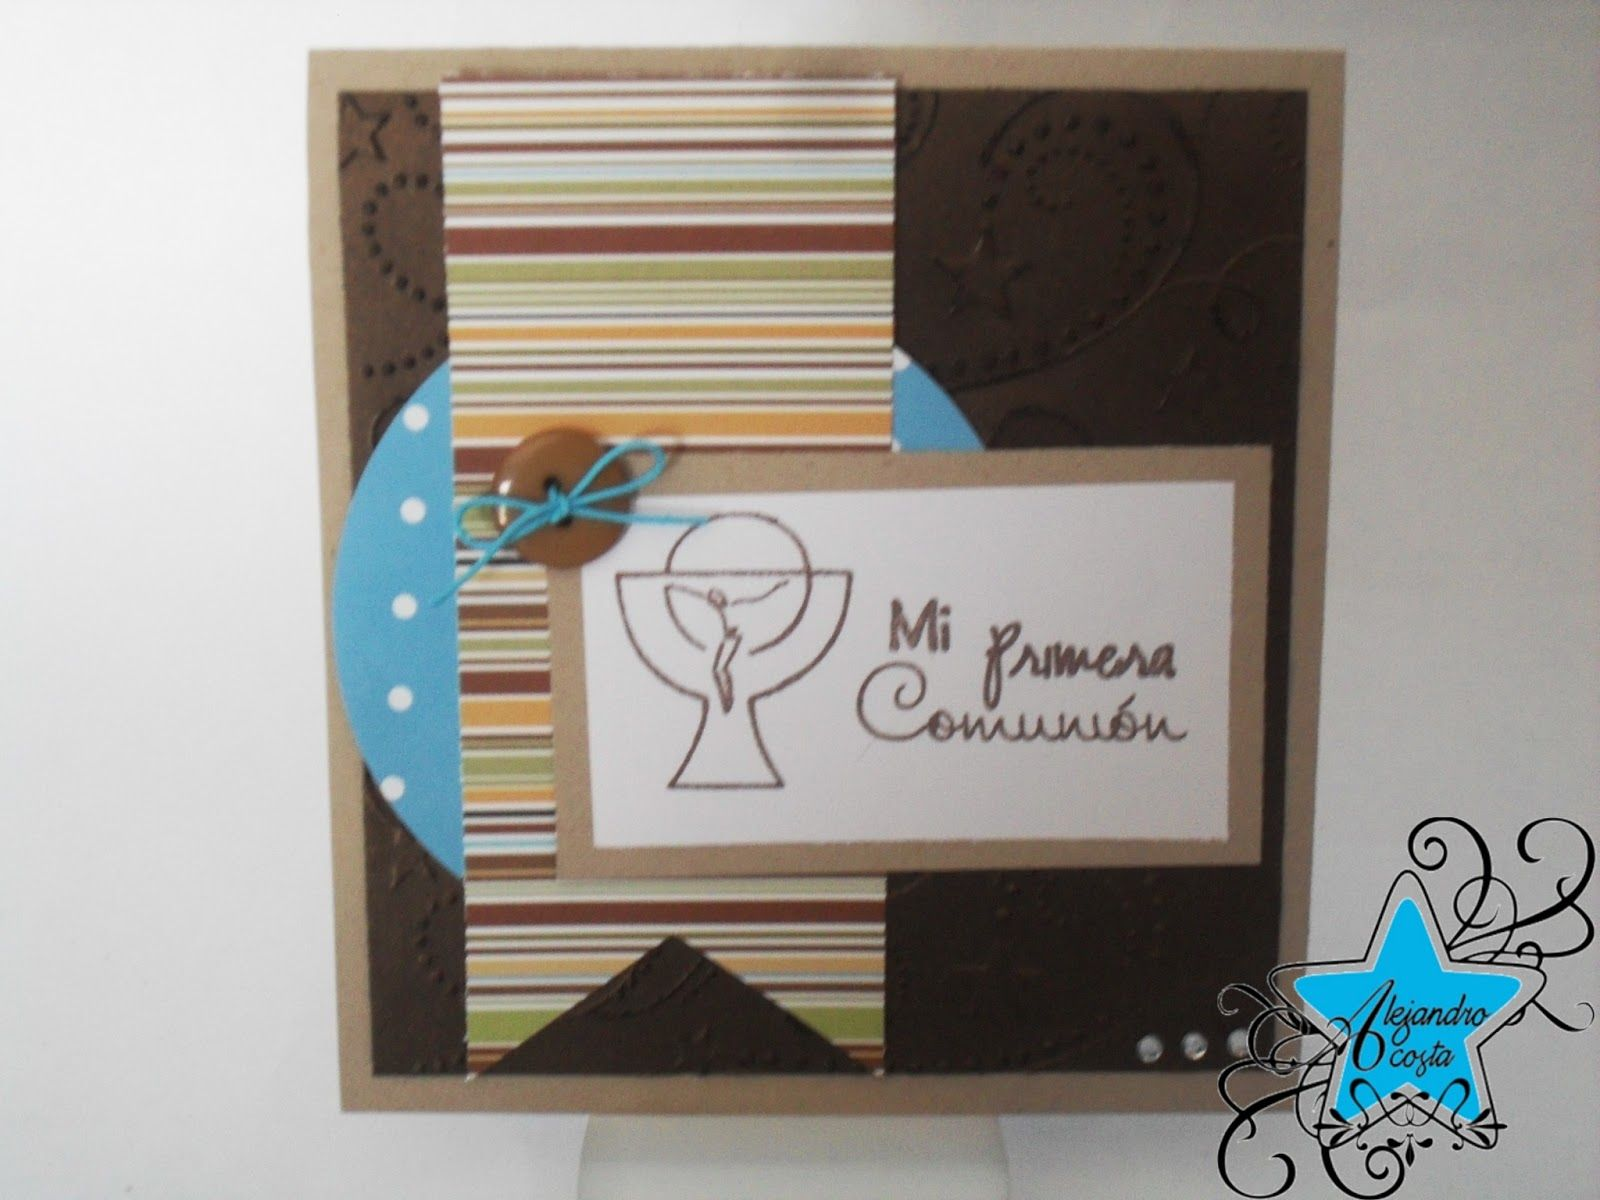 Invitaciones De Comunión Para Niño Para Fondo De Pantalla En Hd 1 HD Wallpapers